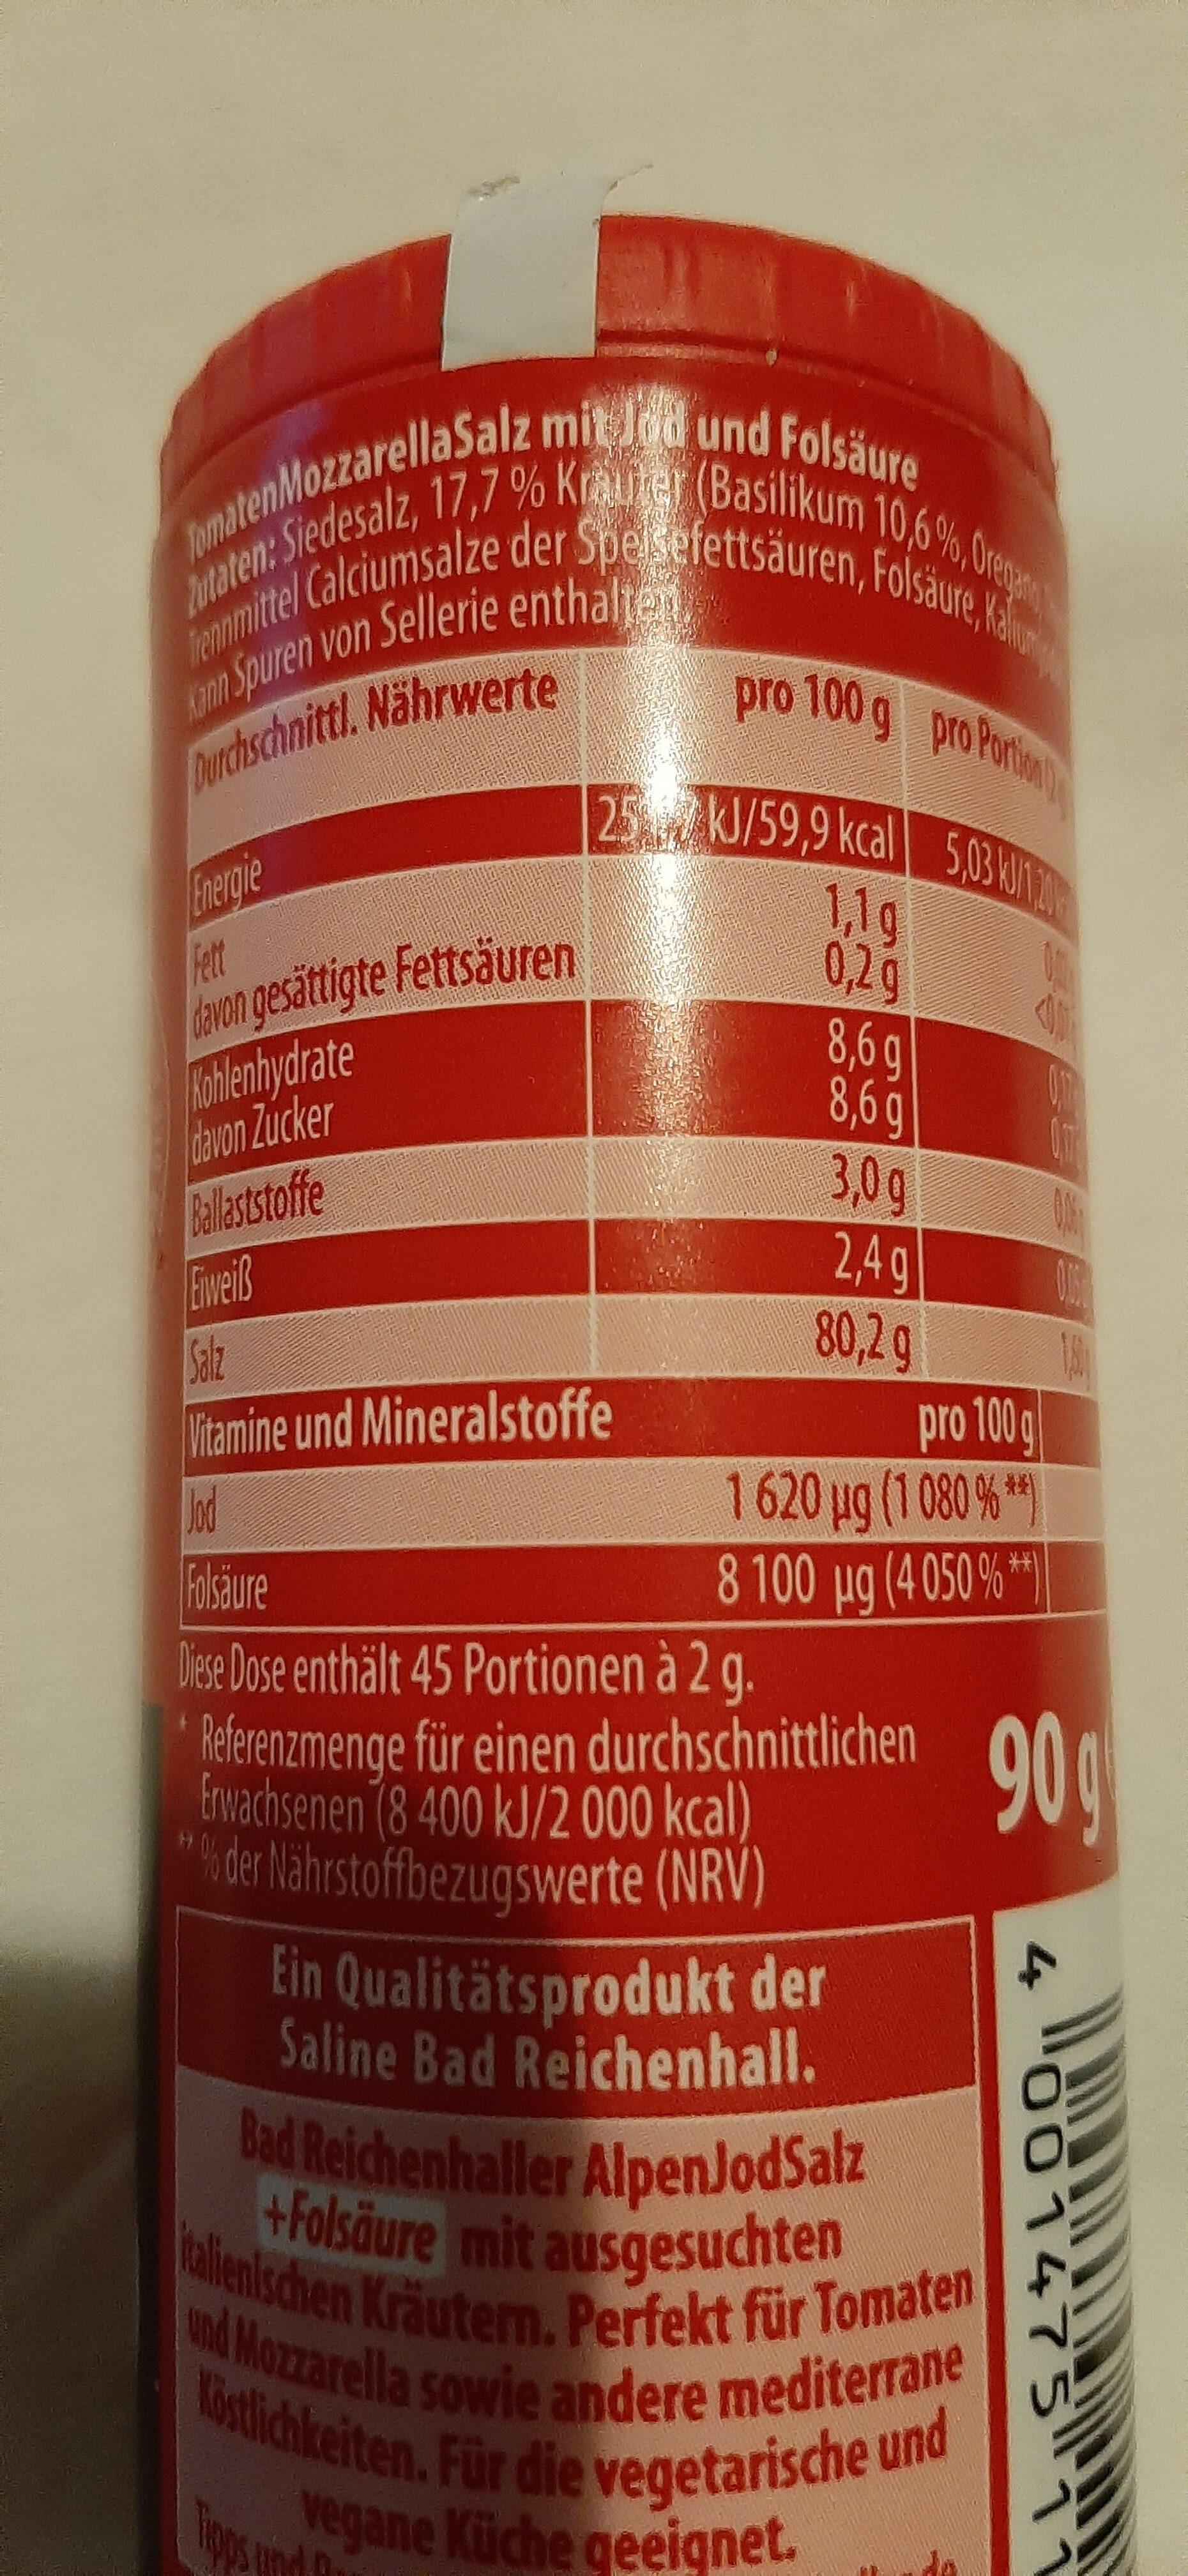 Bad Reichenhaller Tomaten-Mozzarella Salz - Ingredients - de